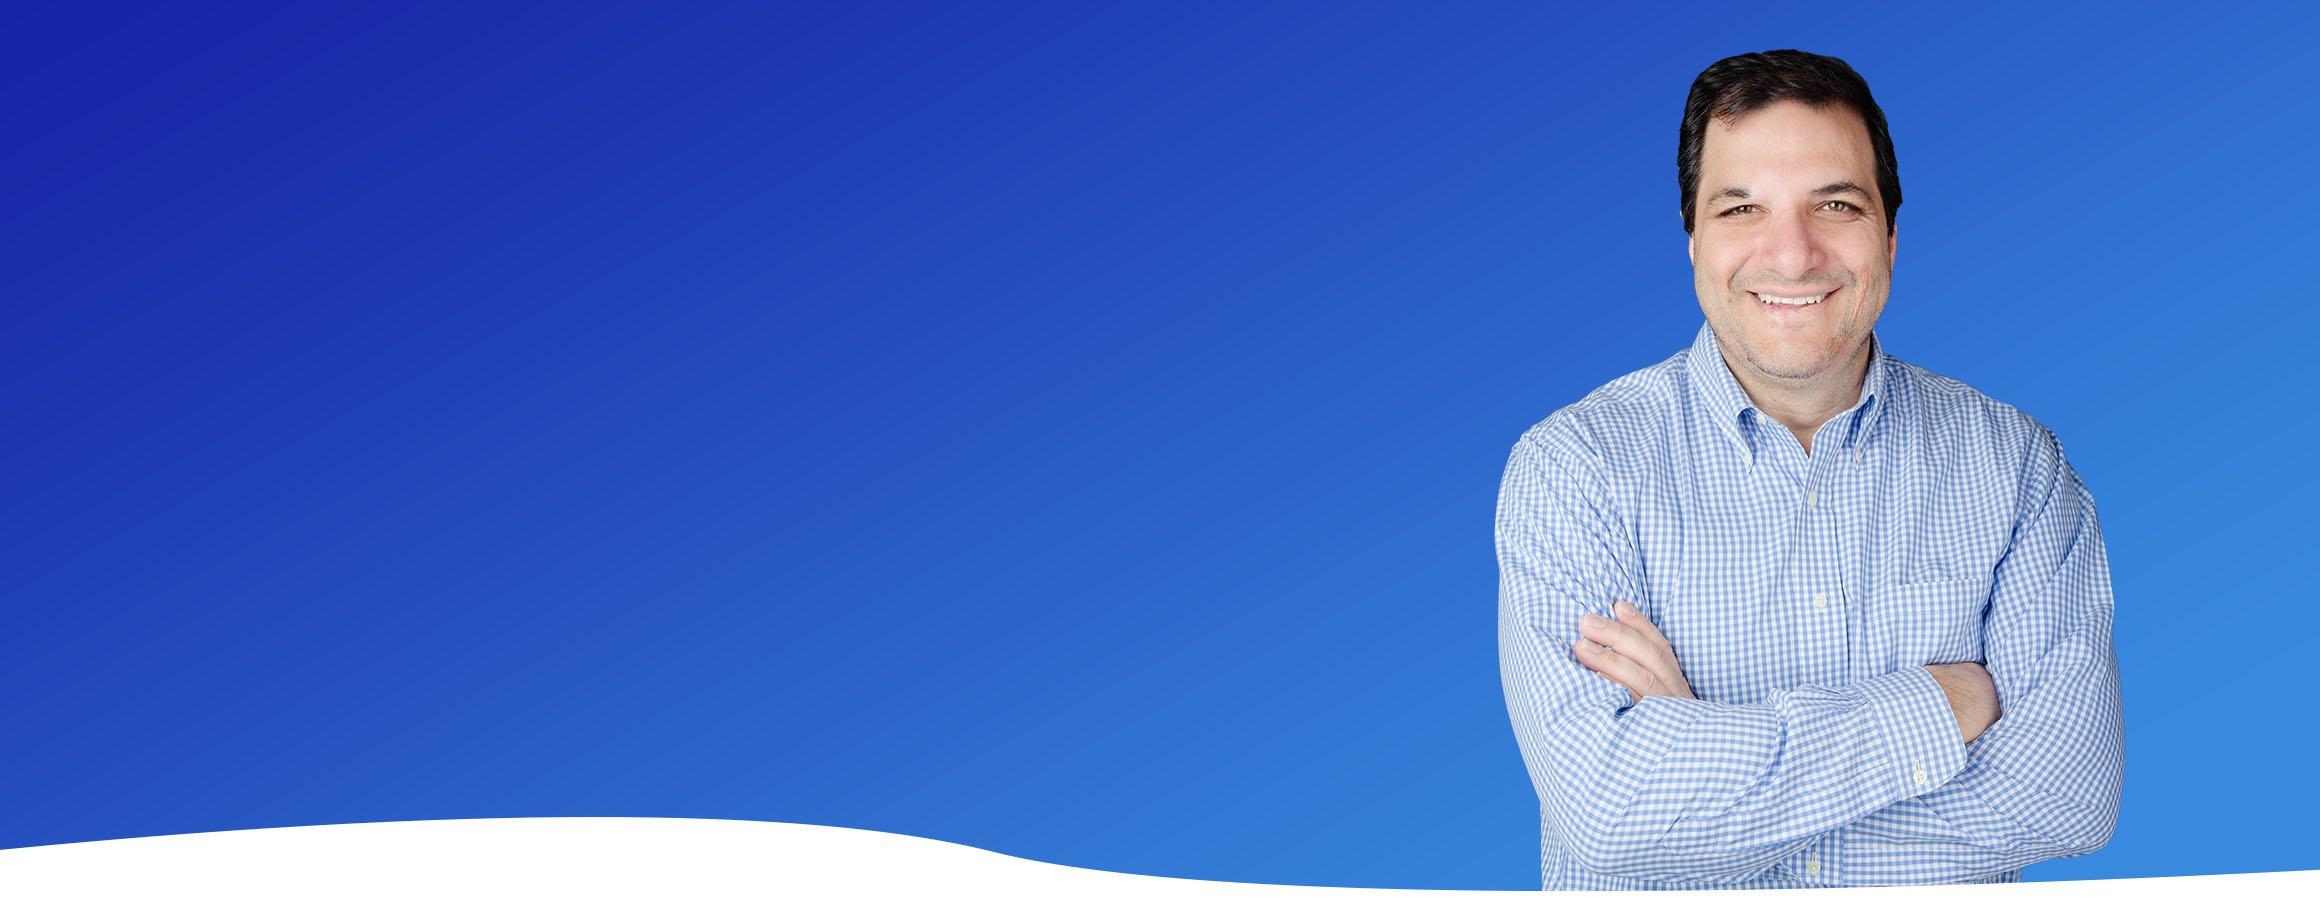 homepage_daniel_bg2